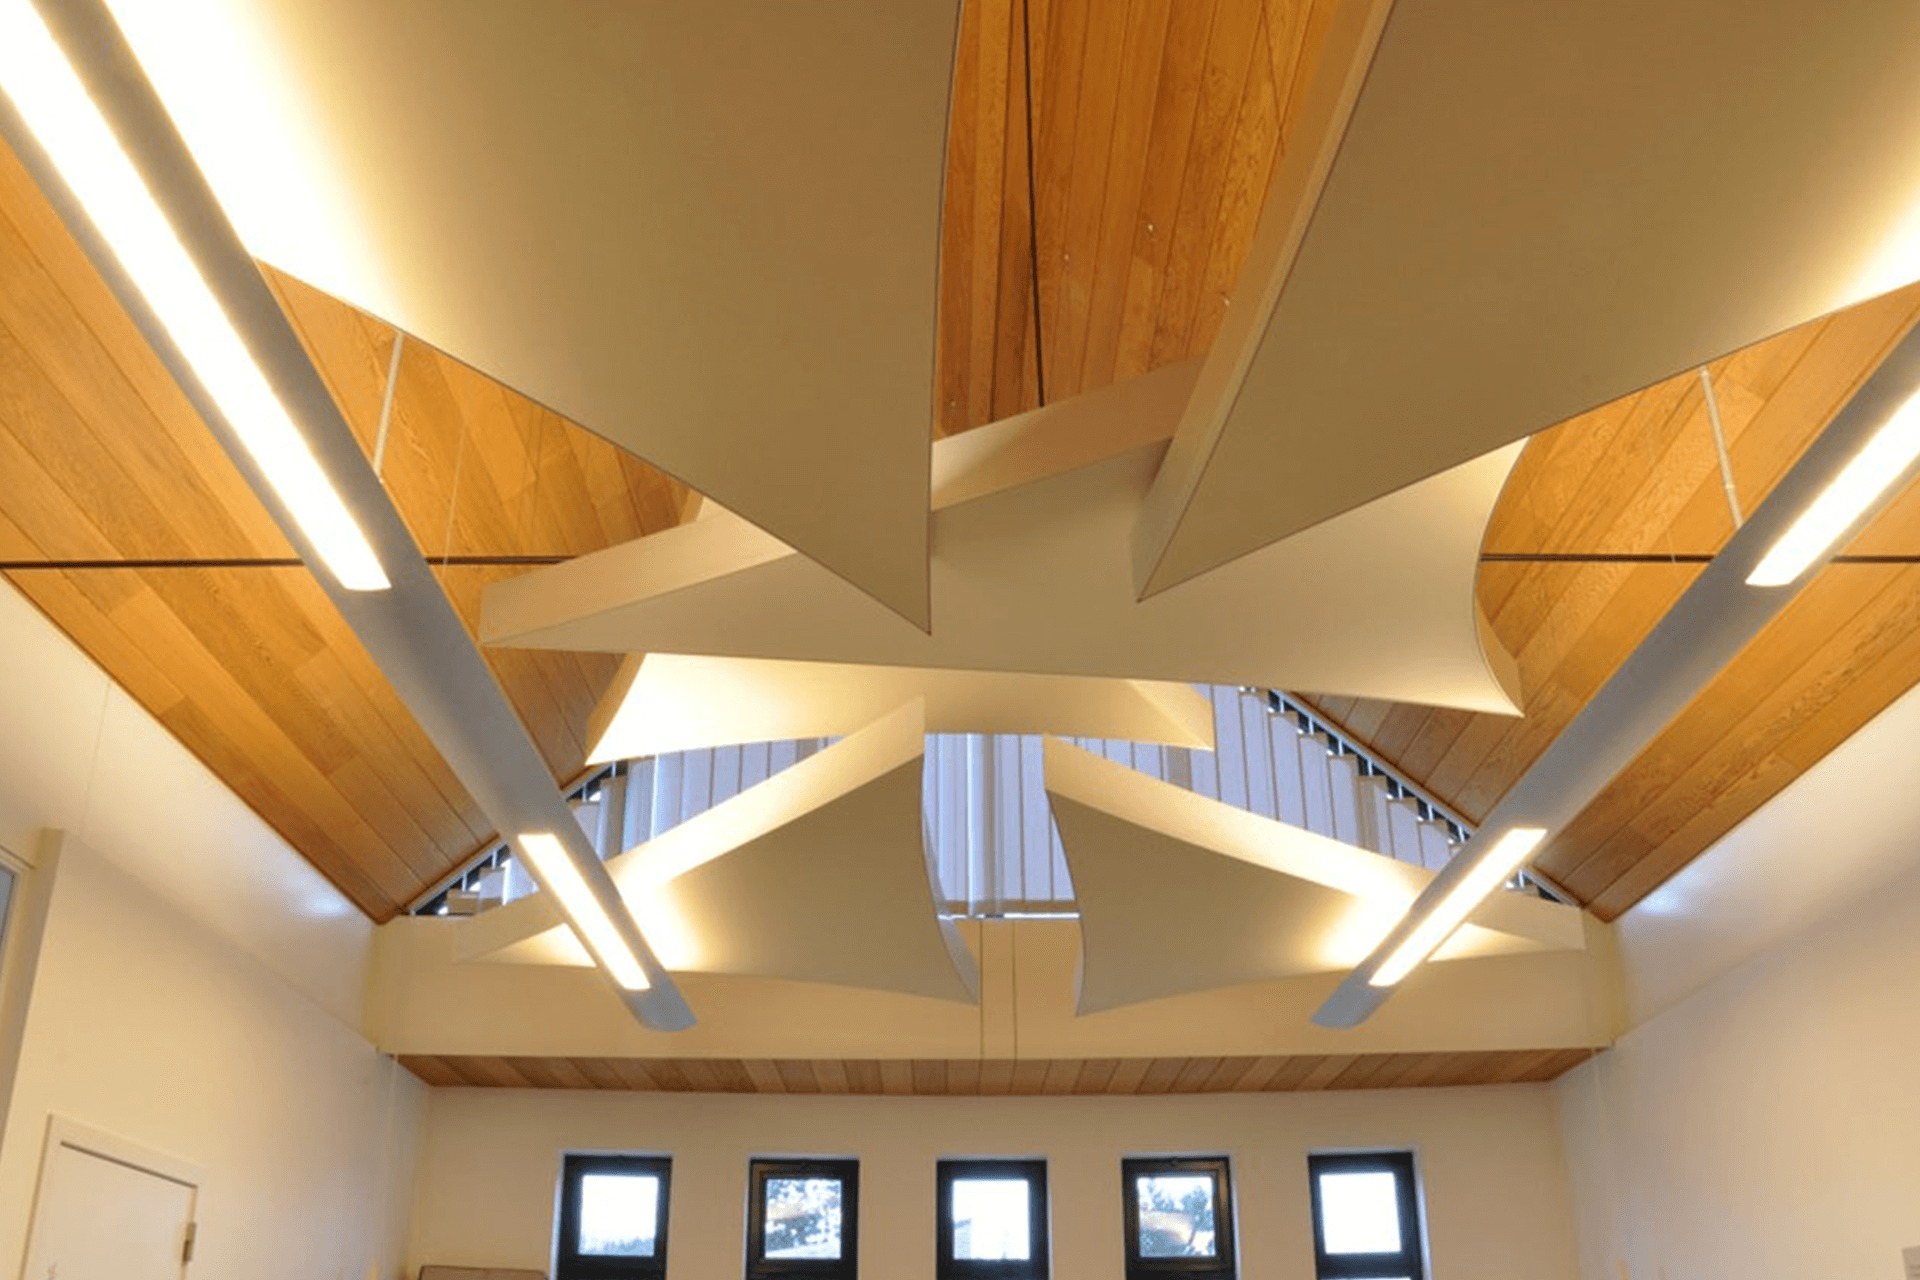 Тканевый натяжной потолок в коттедже - многоуровневые конструкции